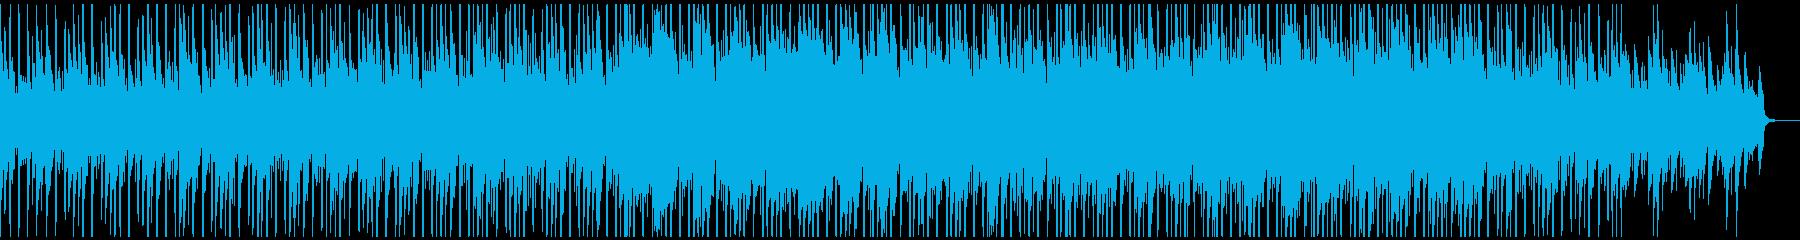 アンビエント 実験的な テクノロジ...の再生済みの波形